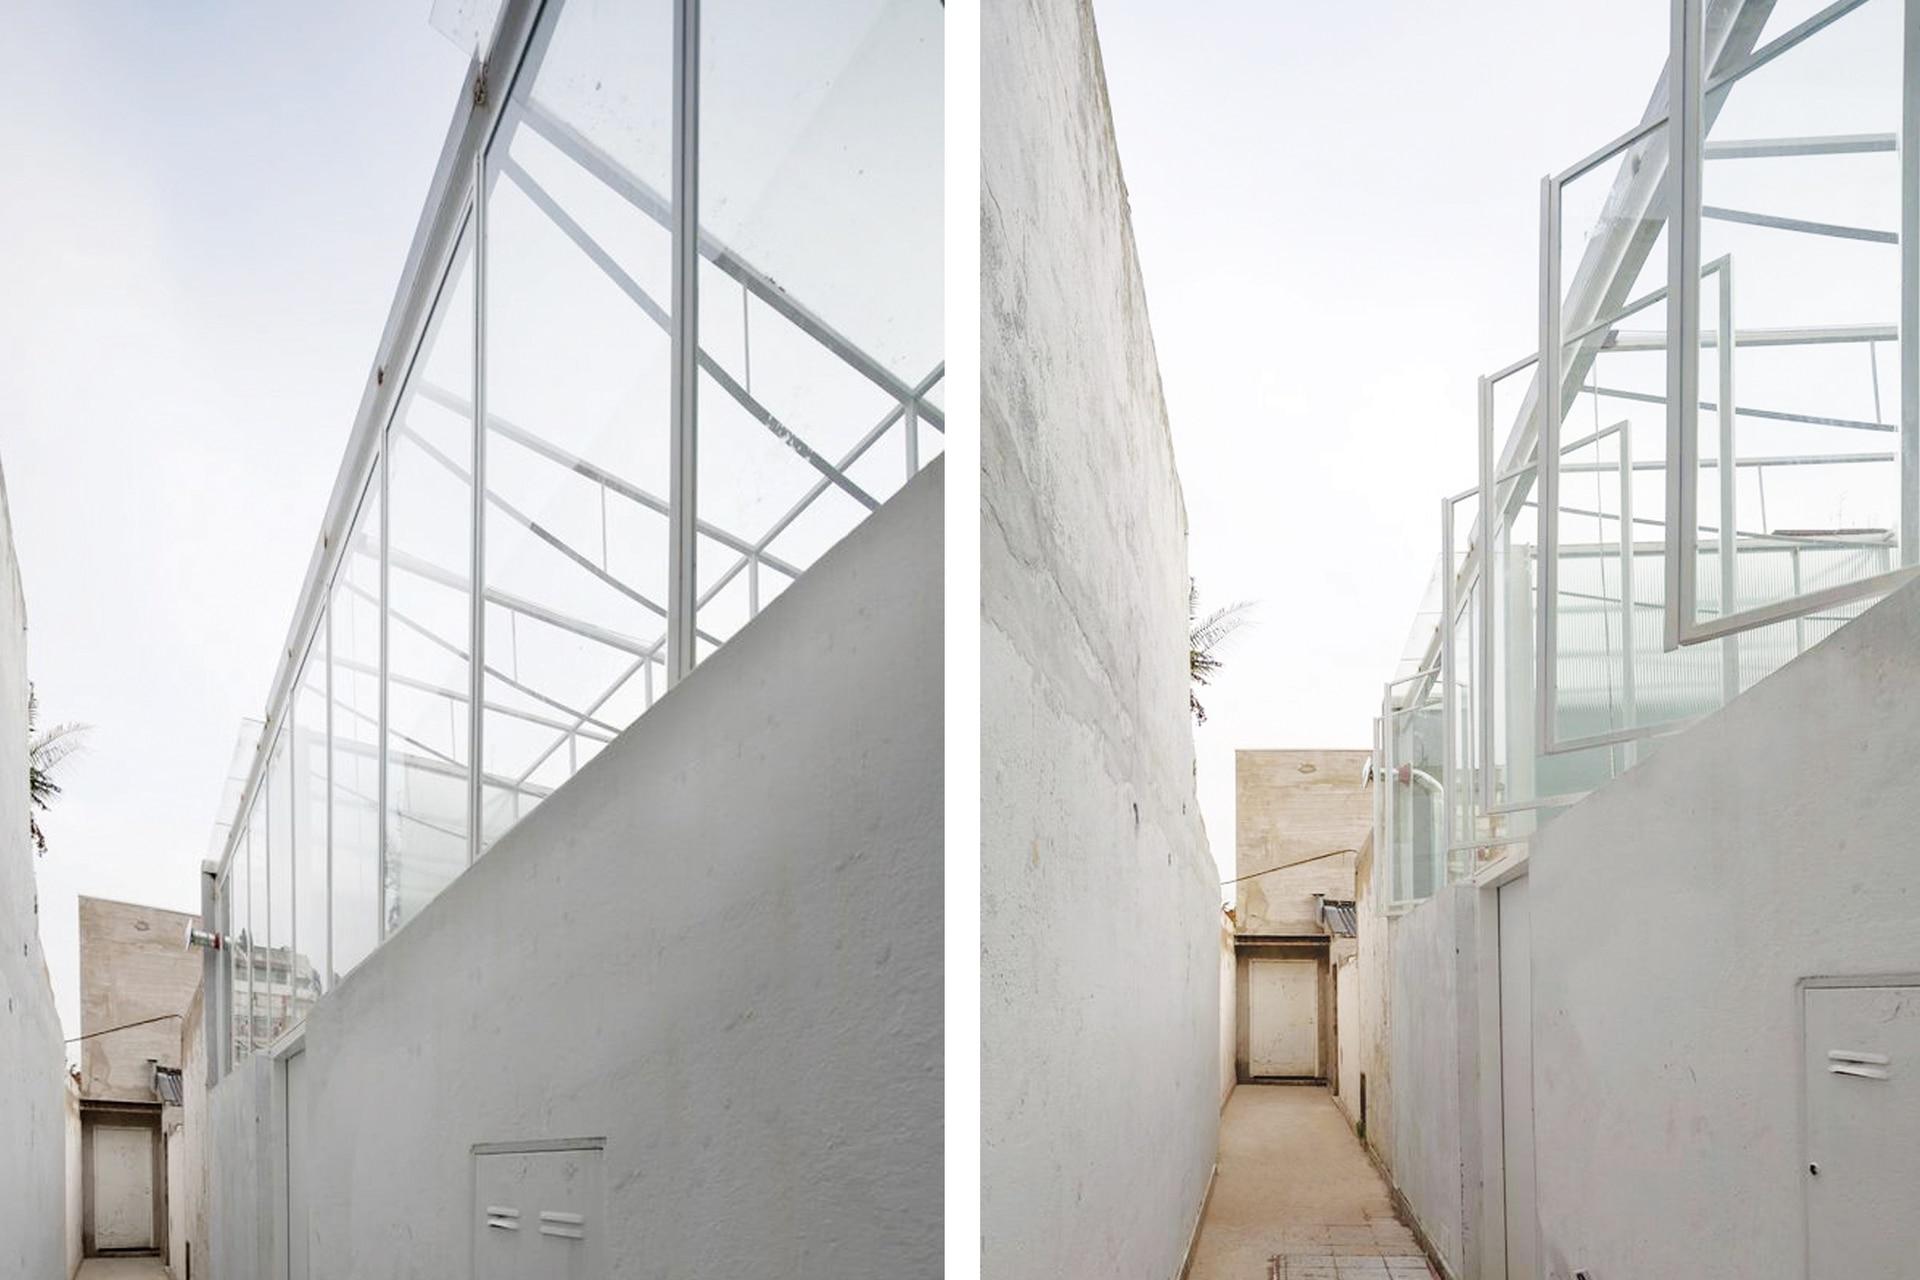 El viejo techo de chapa se reemplazó por un cerramiento de aspecto liviano en hierro (Hierros Casanova) y vidrio laminado (Vidriería Ciudad de Martínez). Tres manijas accionan las tres secciones de ventanas pivotantes y una manivela permite abrir el techo.